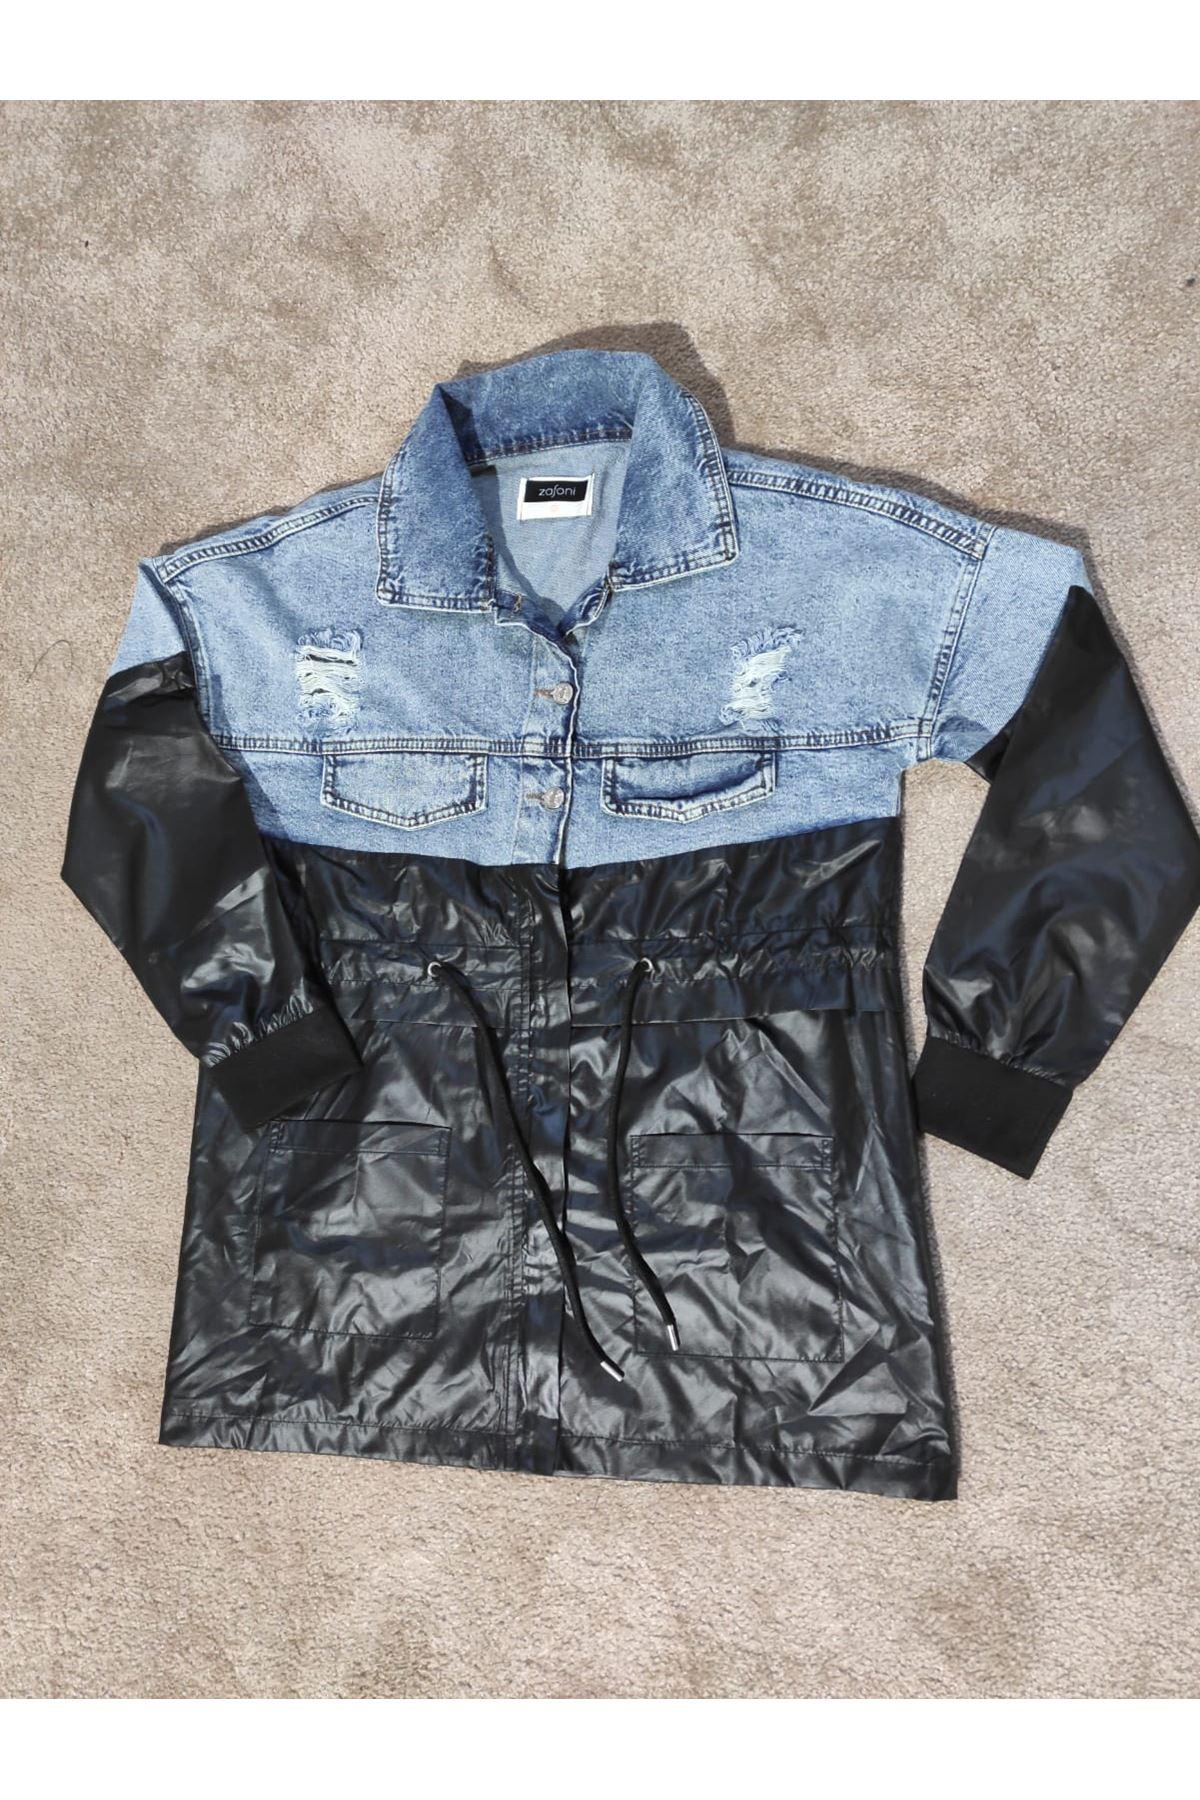 Kadın Siyah Parçalı Kot ceket